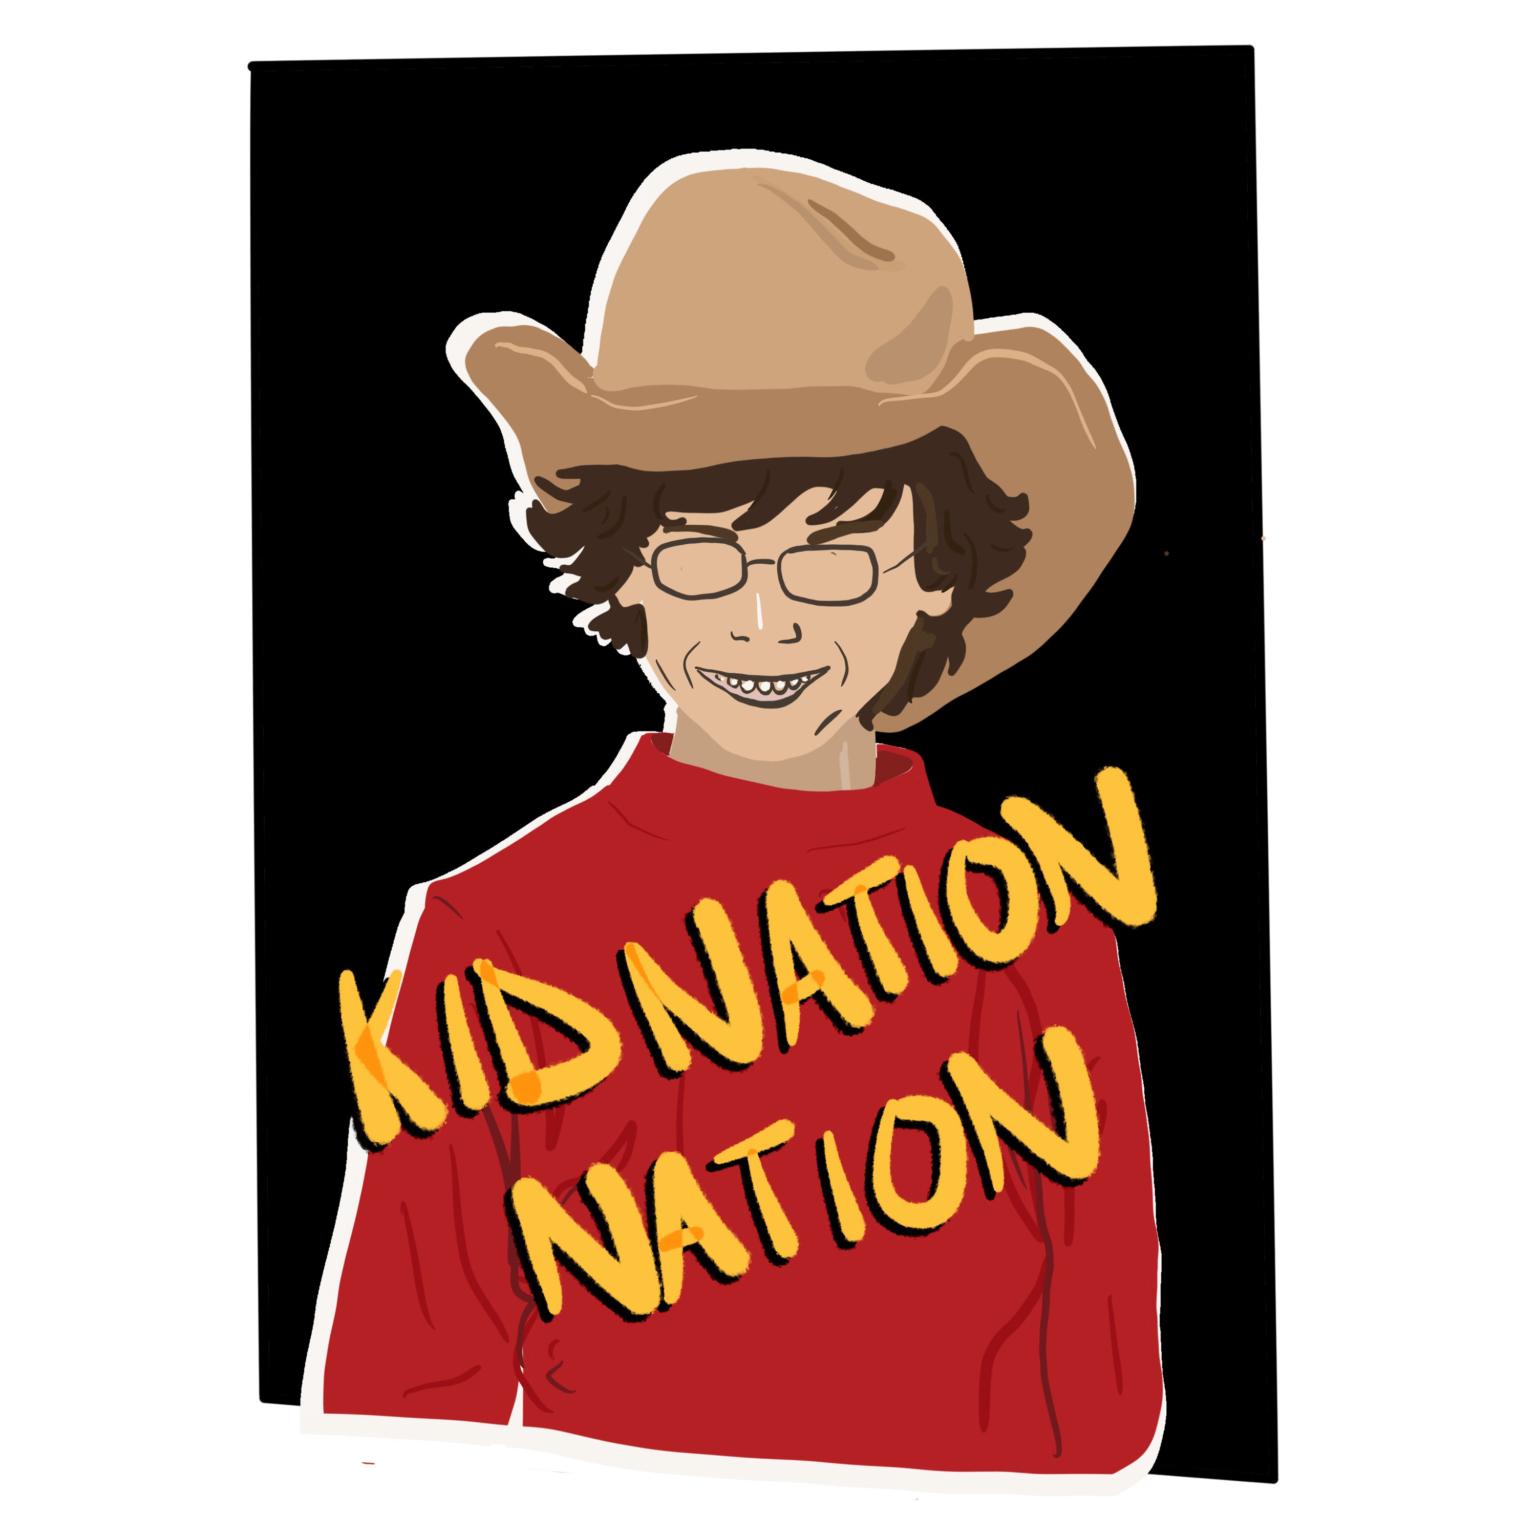 Kid Nation Nation